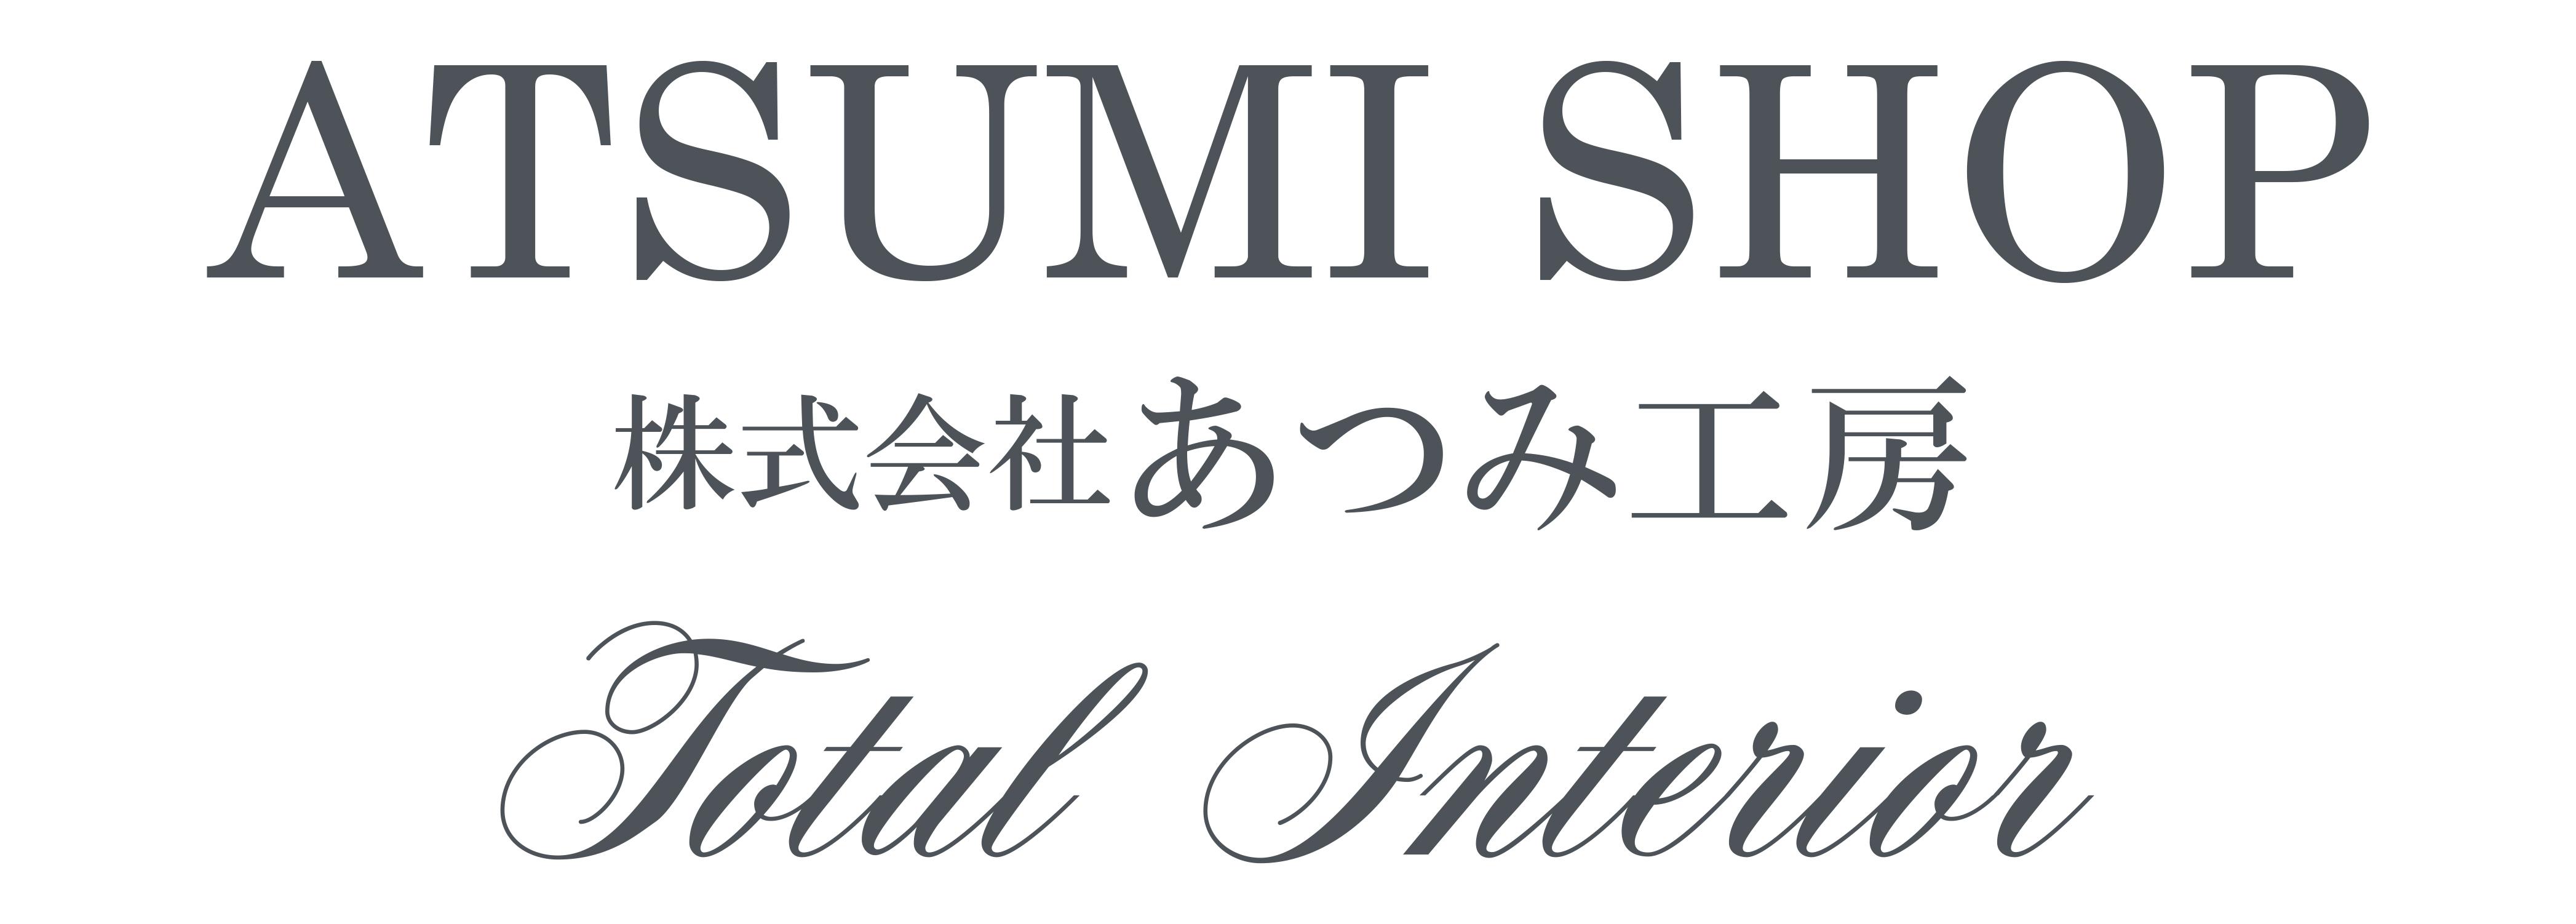 株式会社あつみ工房 ATSUMI SHOP ロゴ制作